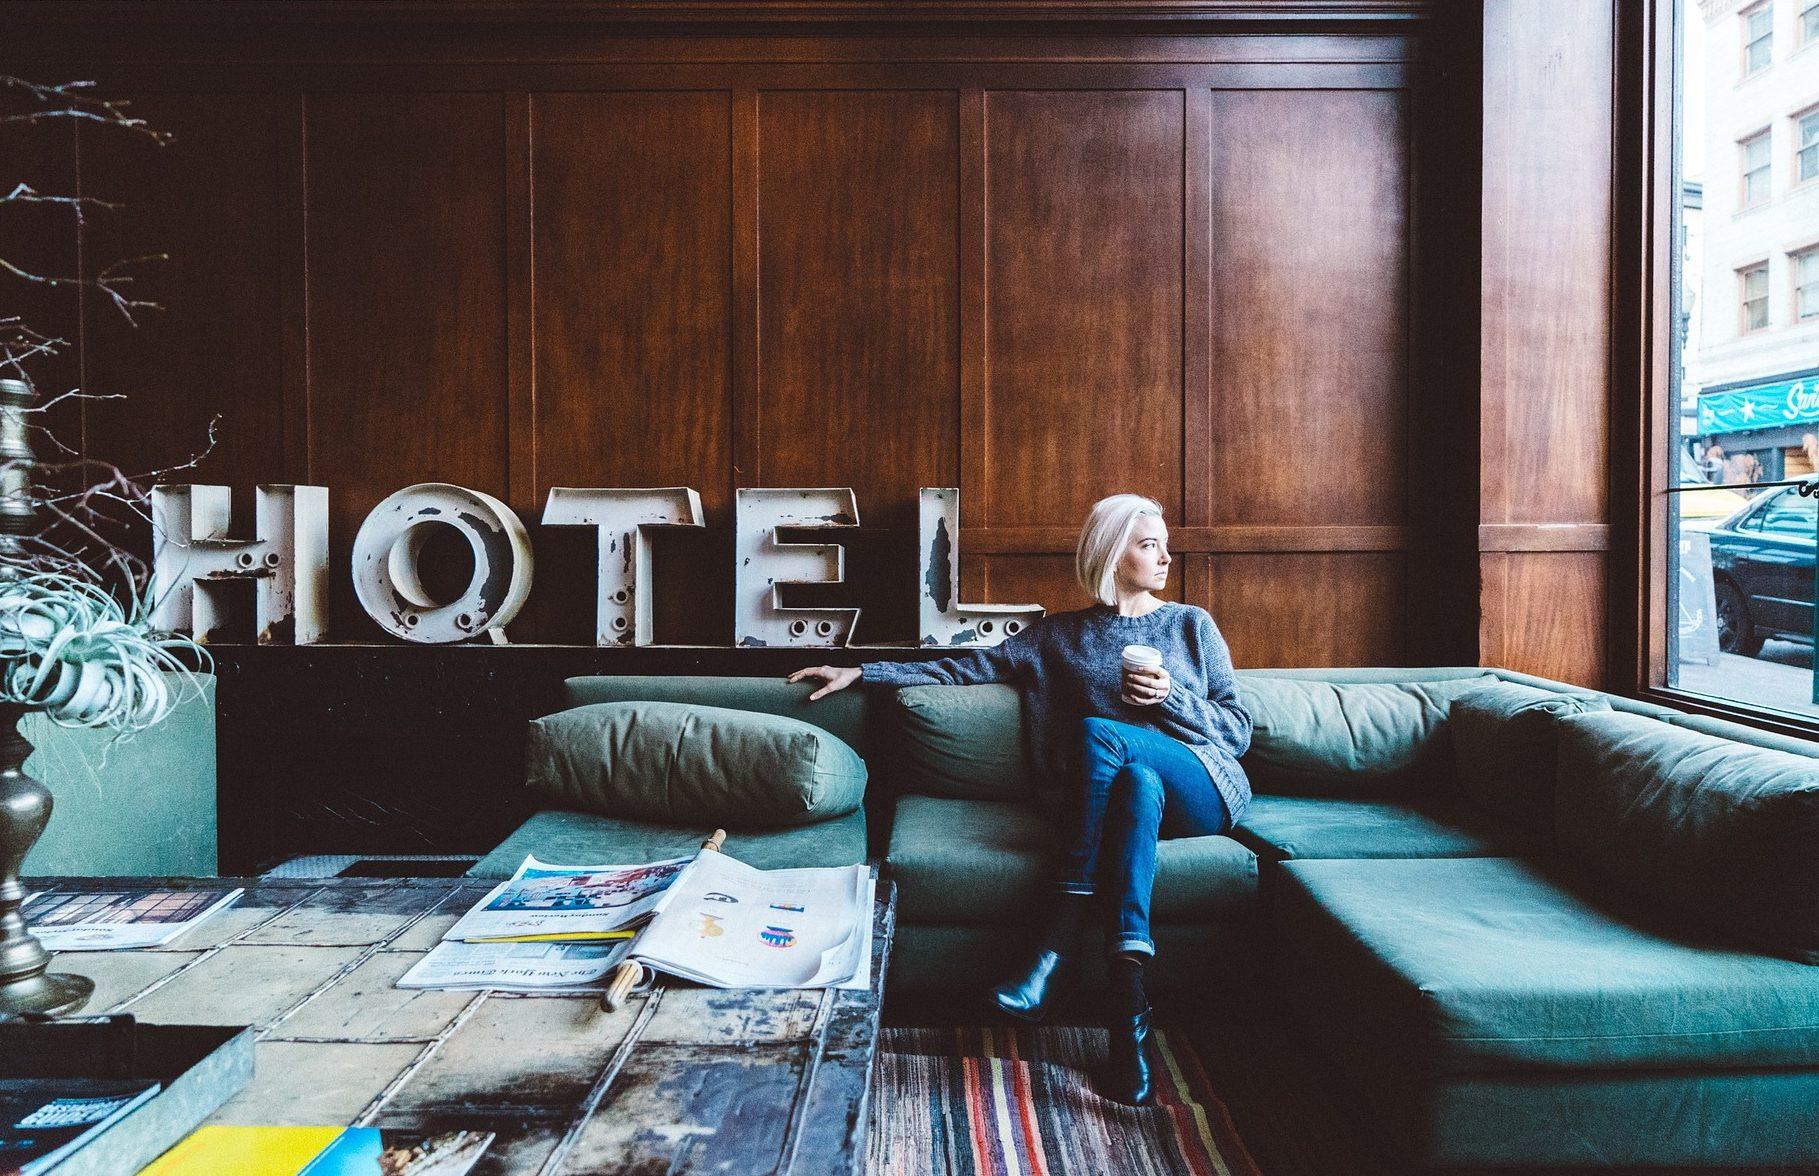 Il furto in albergo: chi è civilmente responsabile?